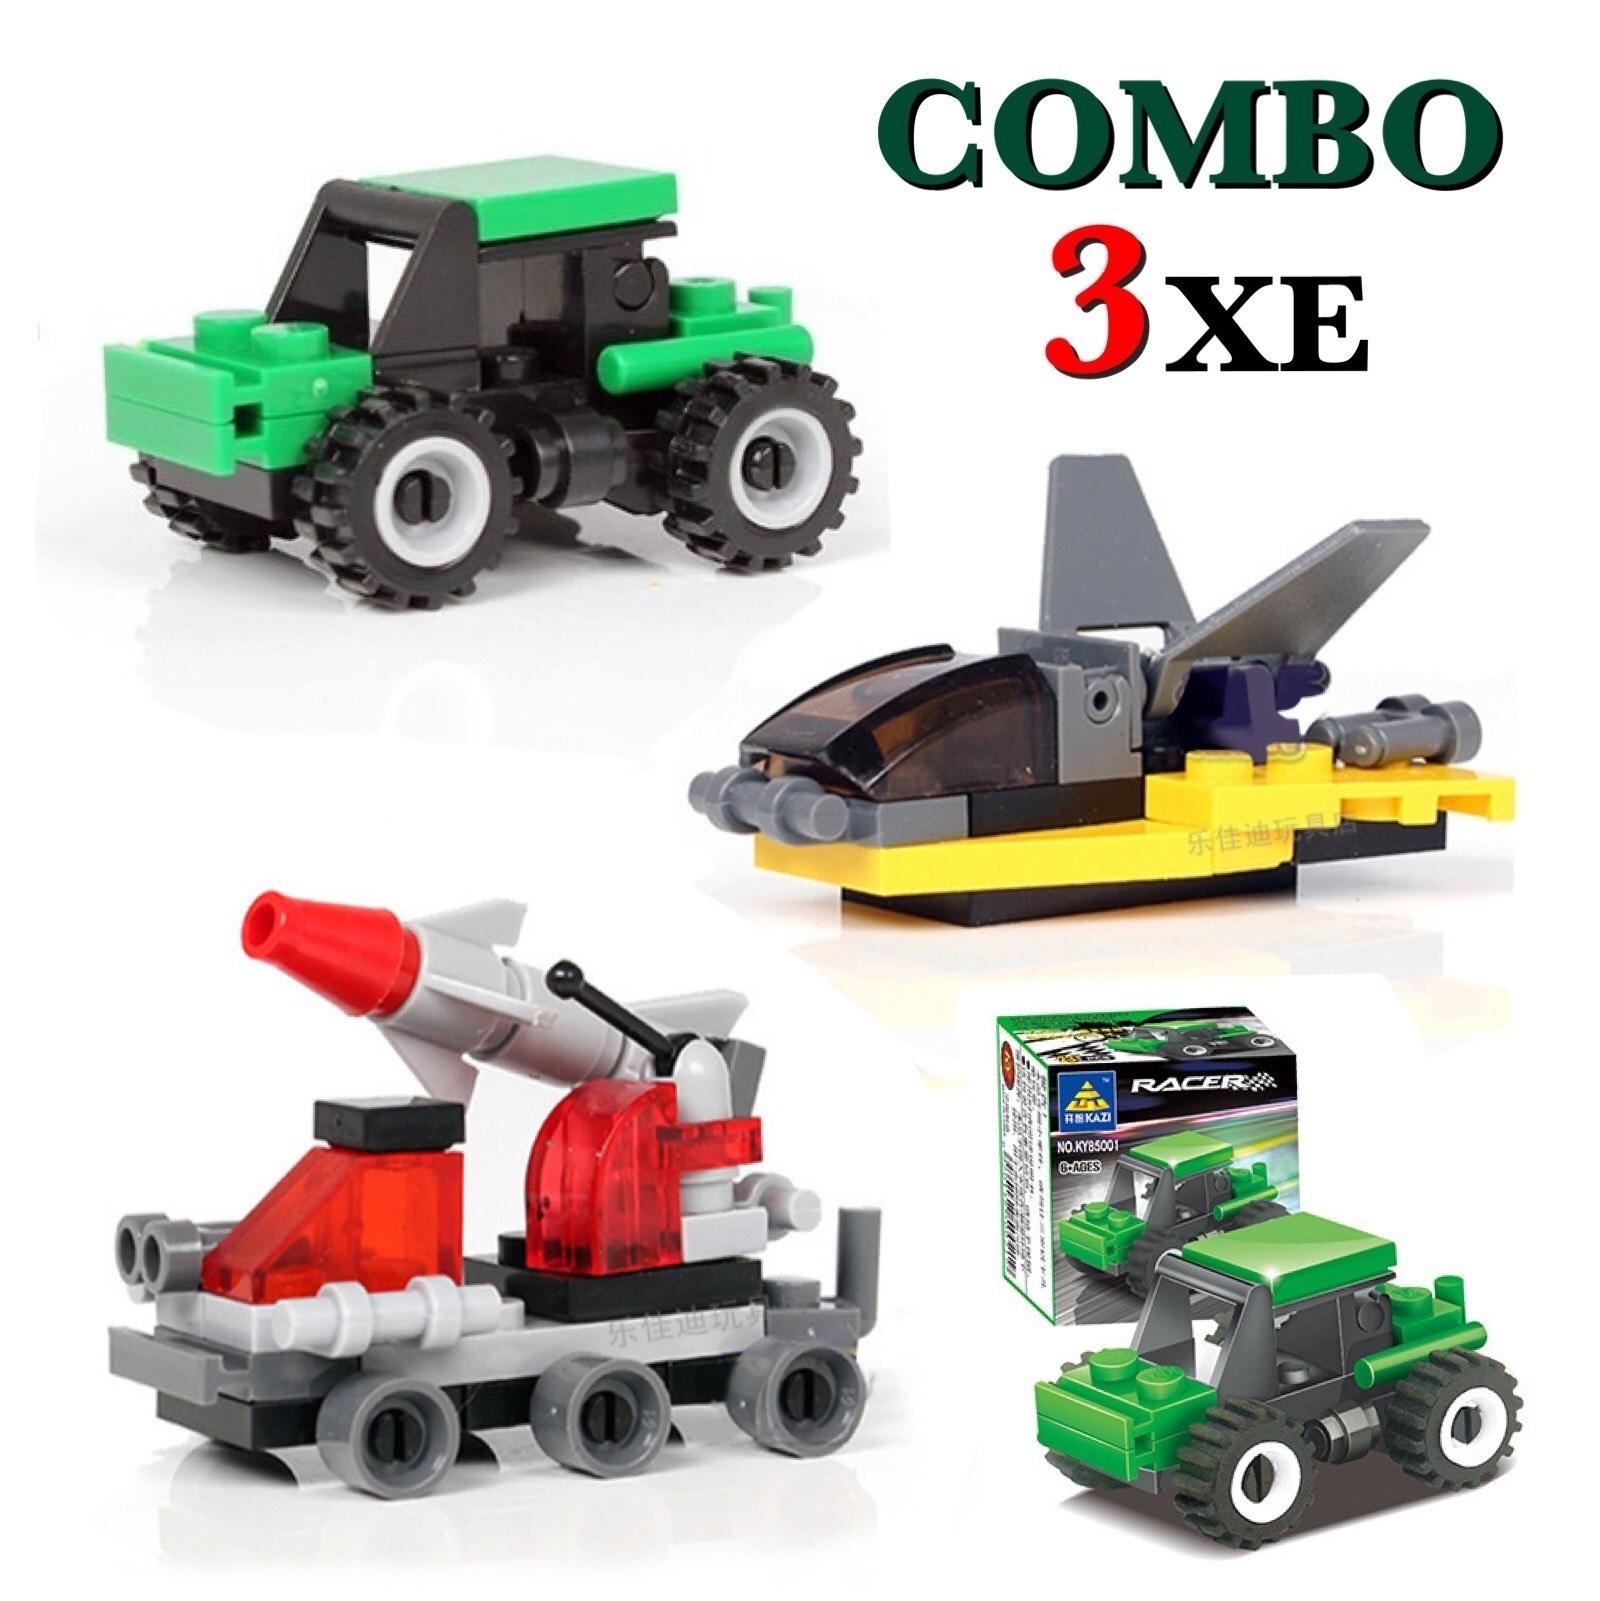 Combo đồ chơi trẻ em 3 xe ô tô xếp hình LEGO CITY từ 27 đến 32 chi tiết nhựa ABS cao cấp cho bé từ 4 tuổi trở lên phát triển trí tuệ và sáng tạo 1